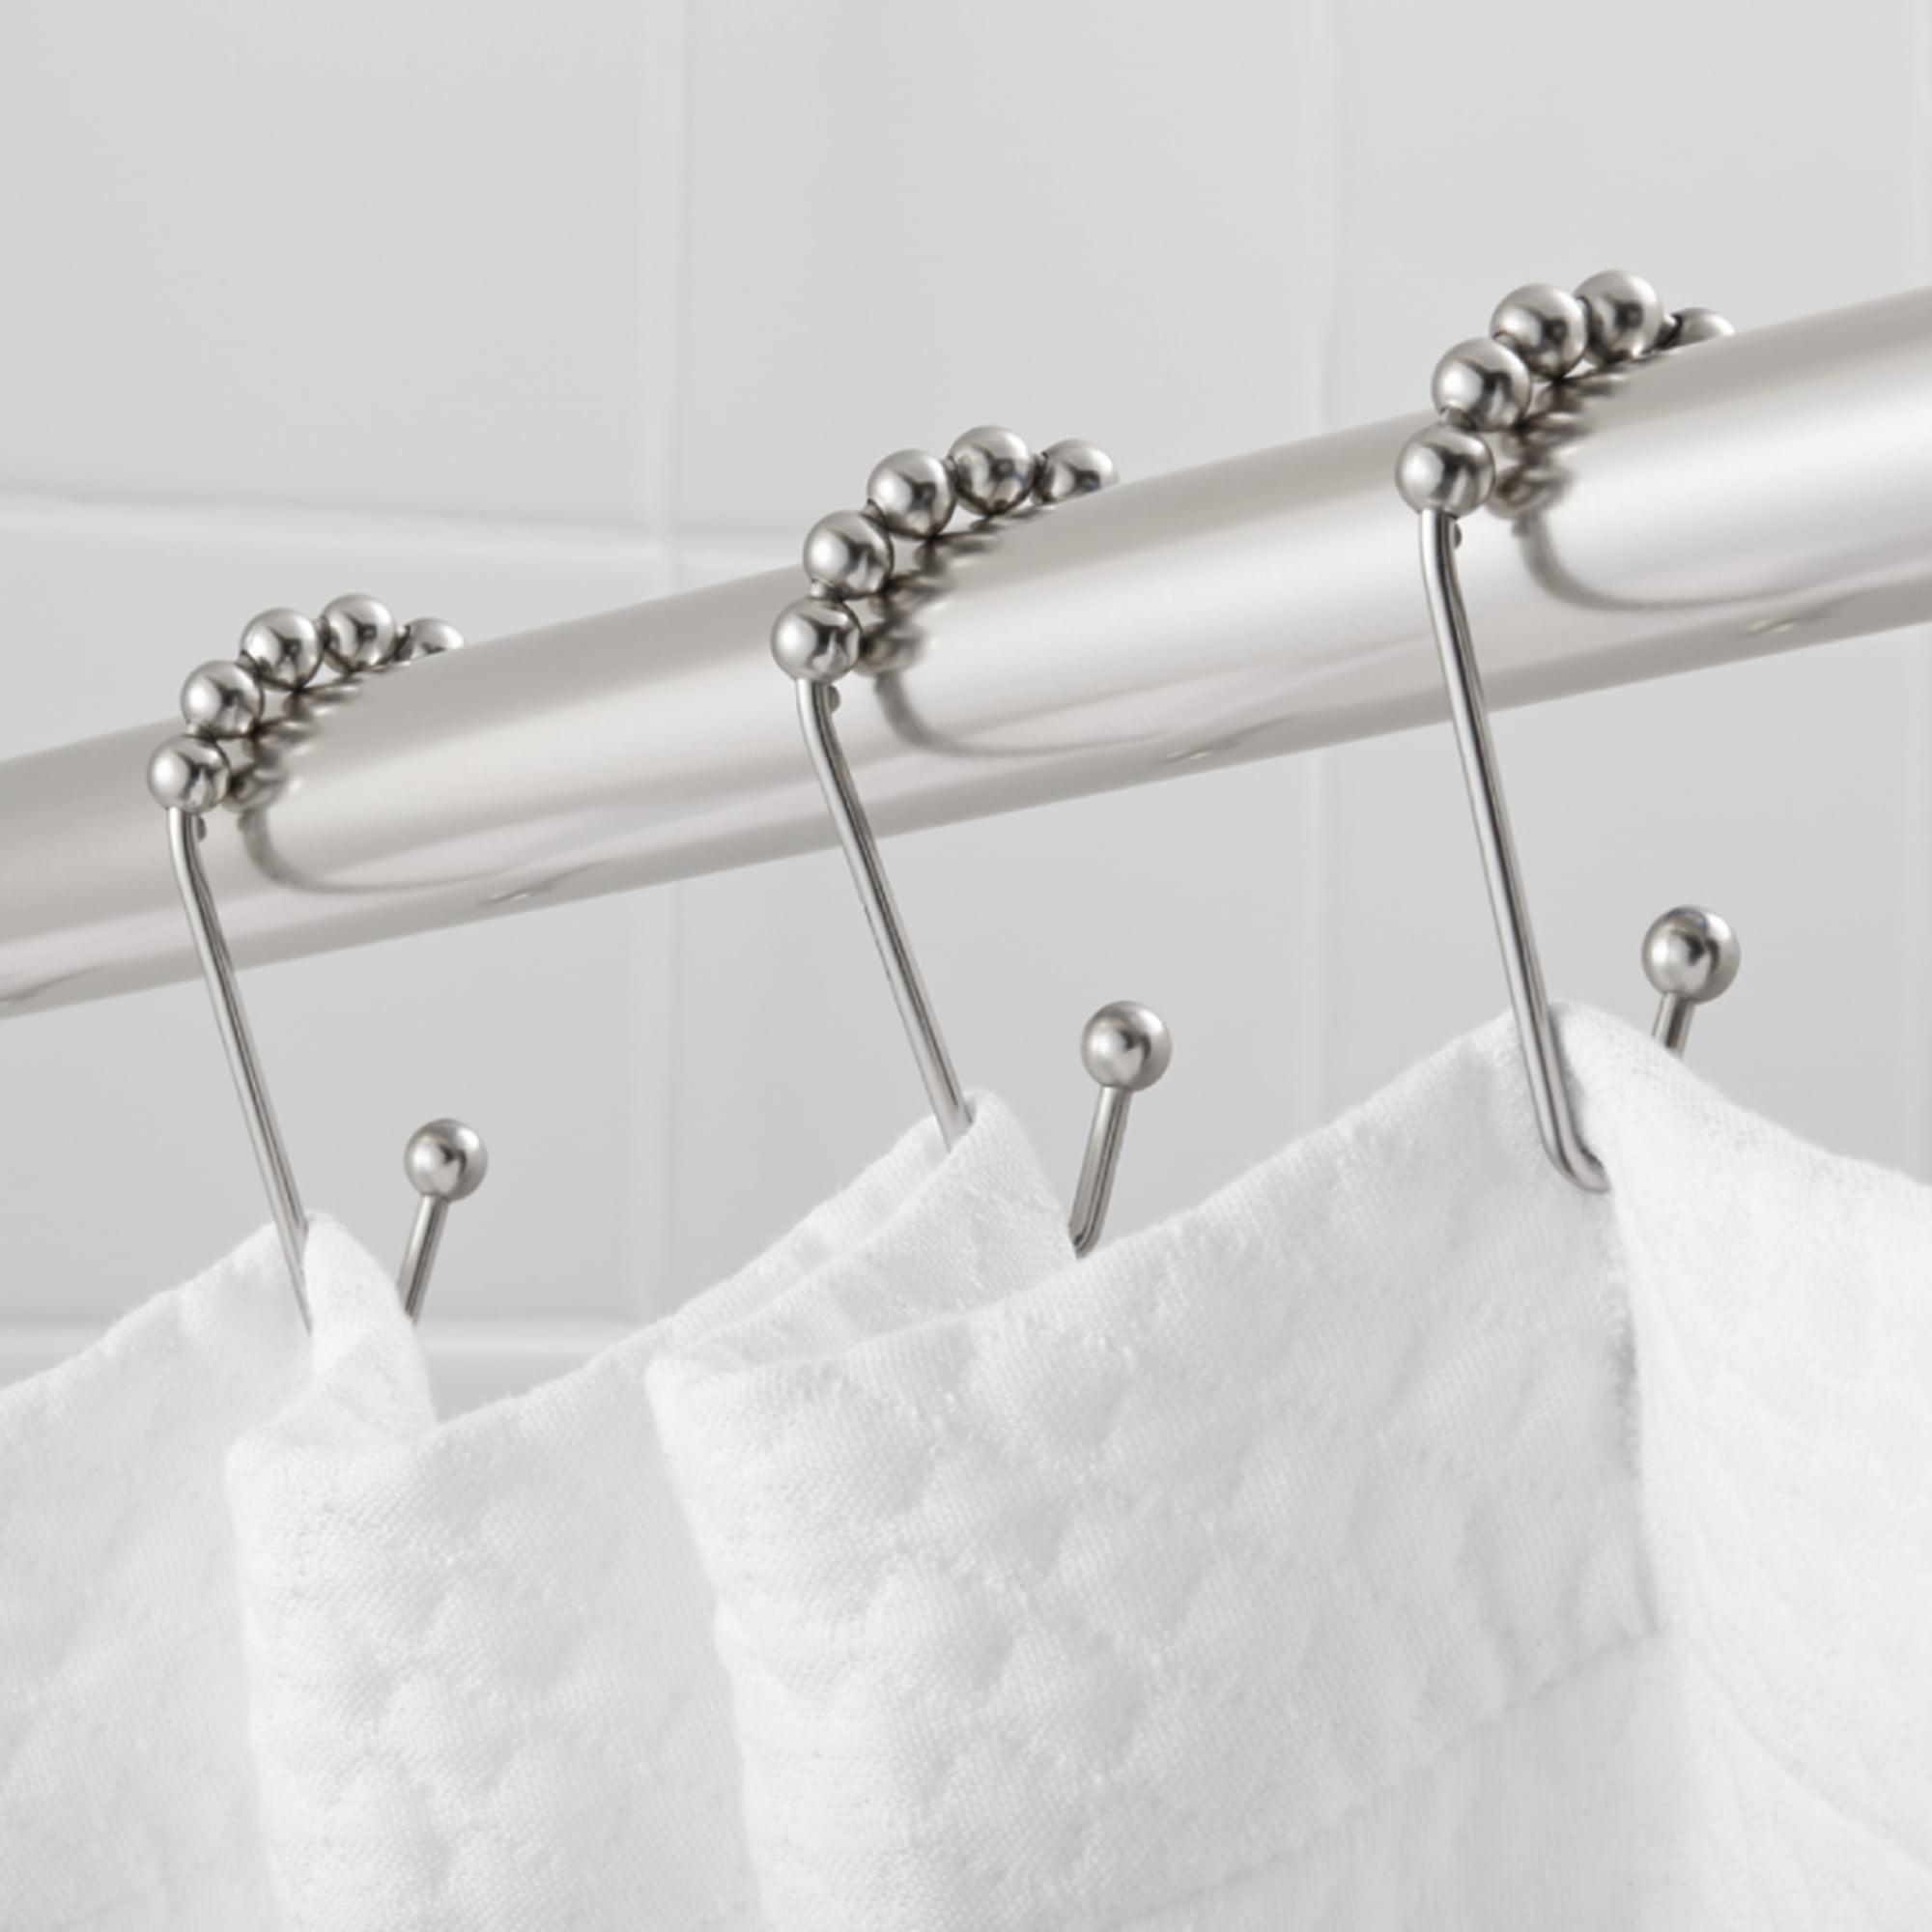 Hotel Style Open V-Glide Roller Glide Shower Curtain Hooks / Rings